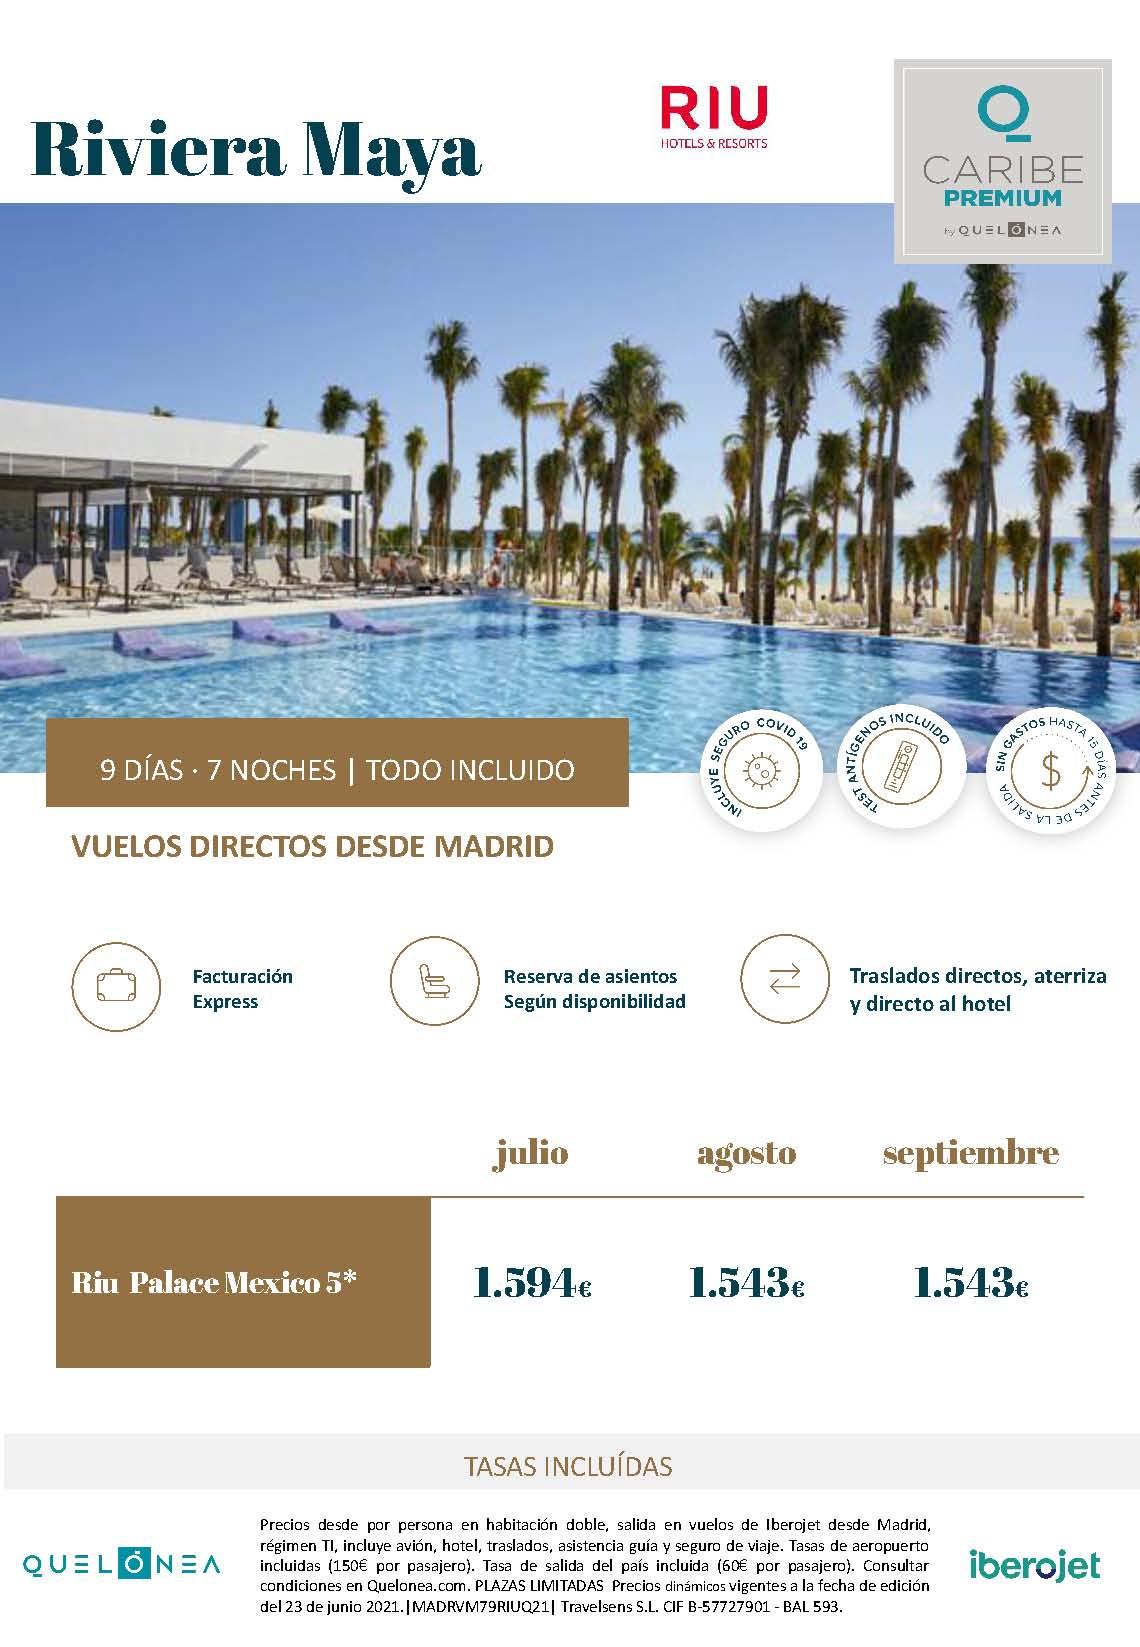 Ofertas RIU Palace Mexico Riviera Maya Julio Agosto y Septiembre 2021 vuelo directo desde Madrid